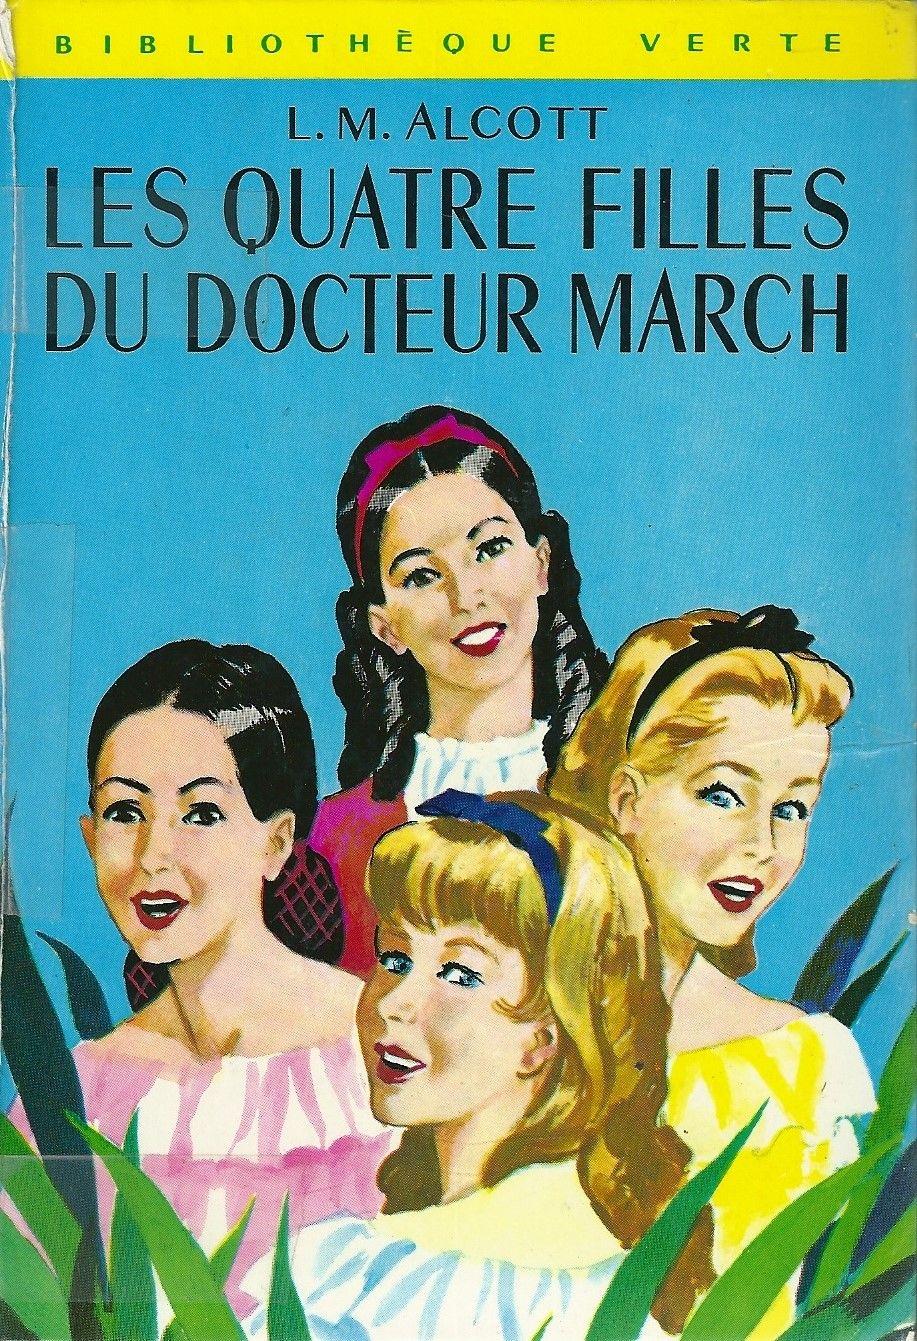 Epingle Par Sylvie Delisle Sur Livres Lus Et Aimes Les Quatre Filles Du Docteur March Livres A Lire Livre Jeunesse